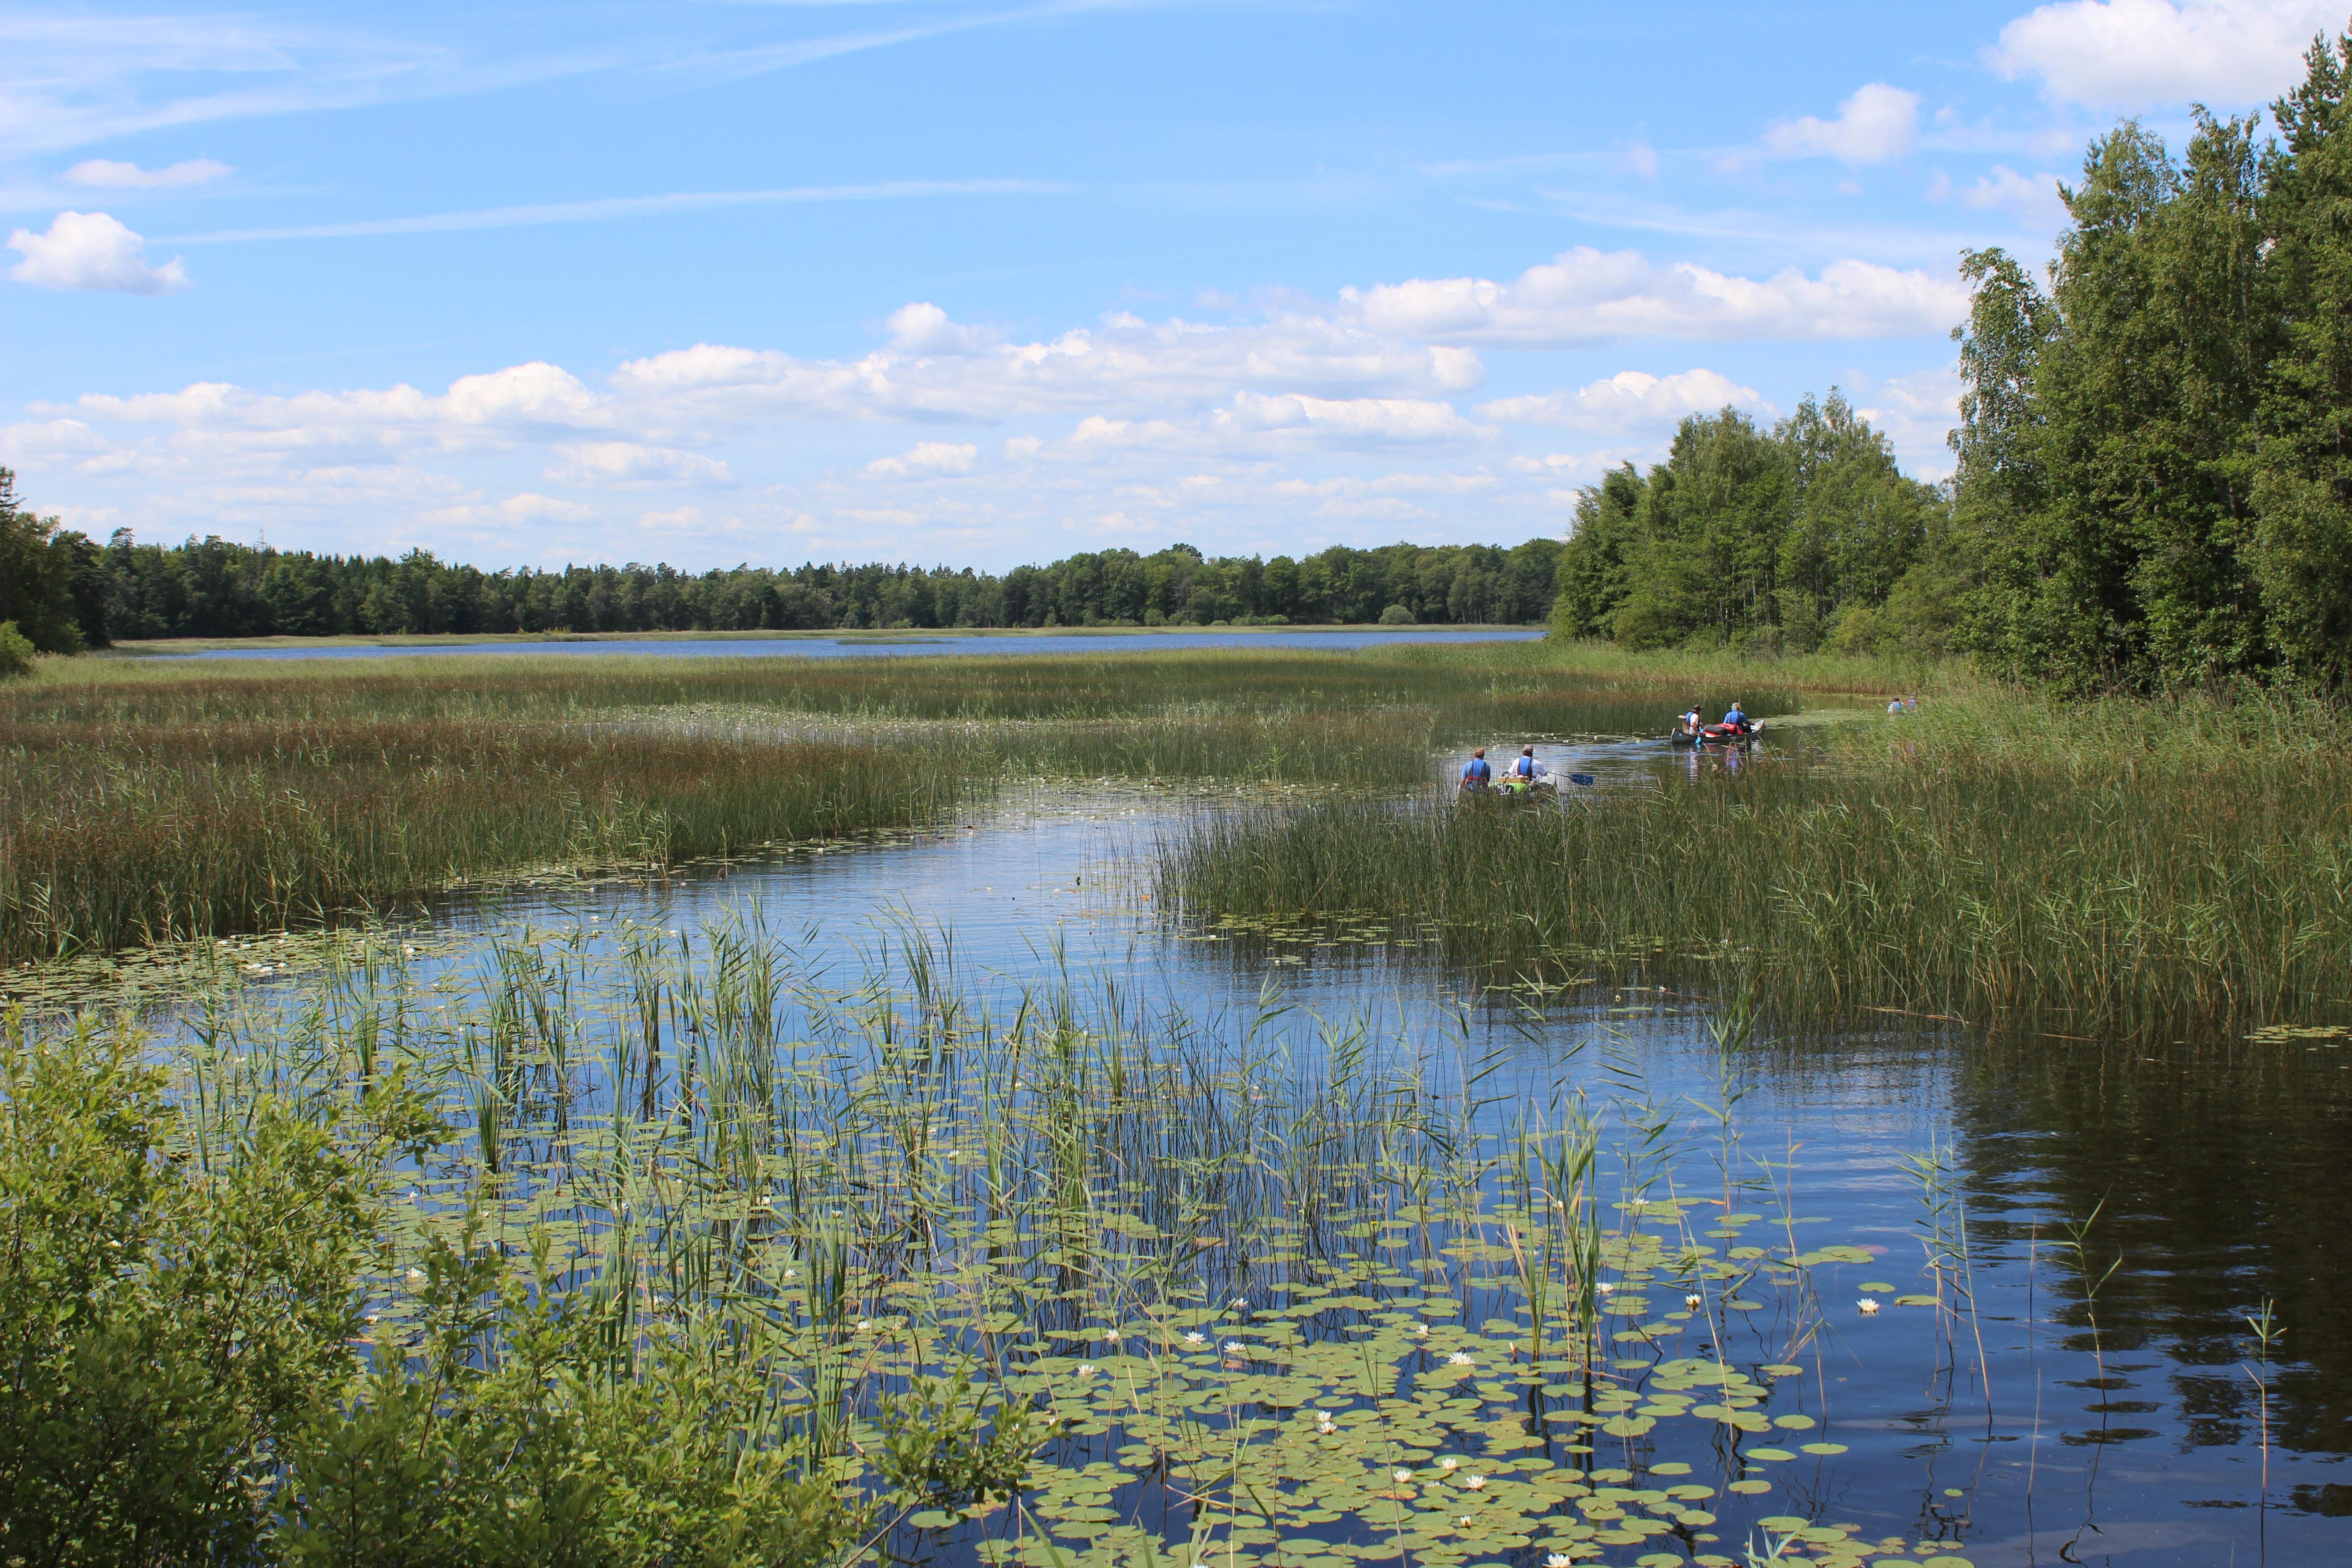 картинки рек озер болот украины герцогиня решили